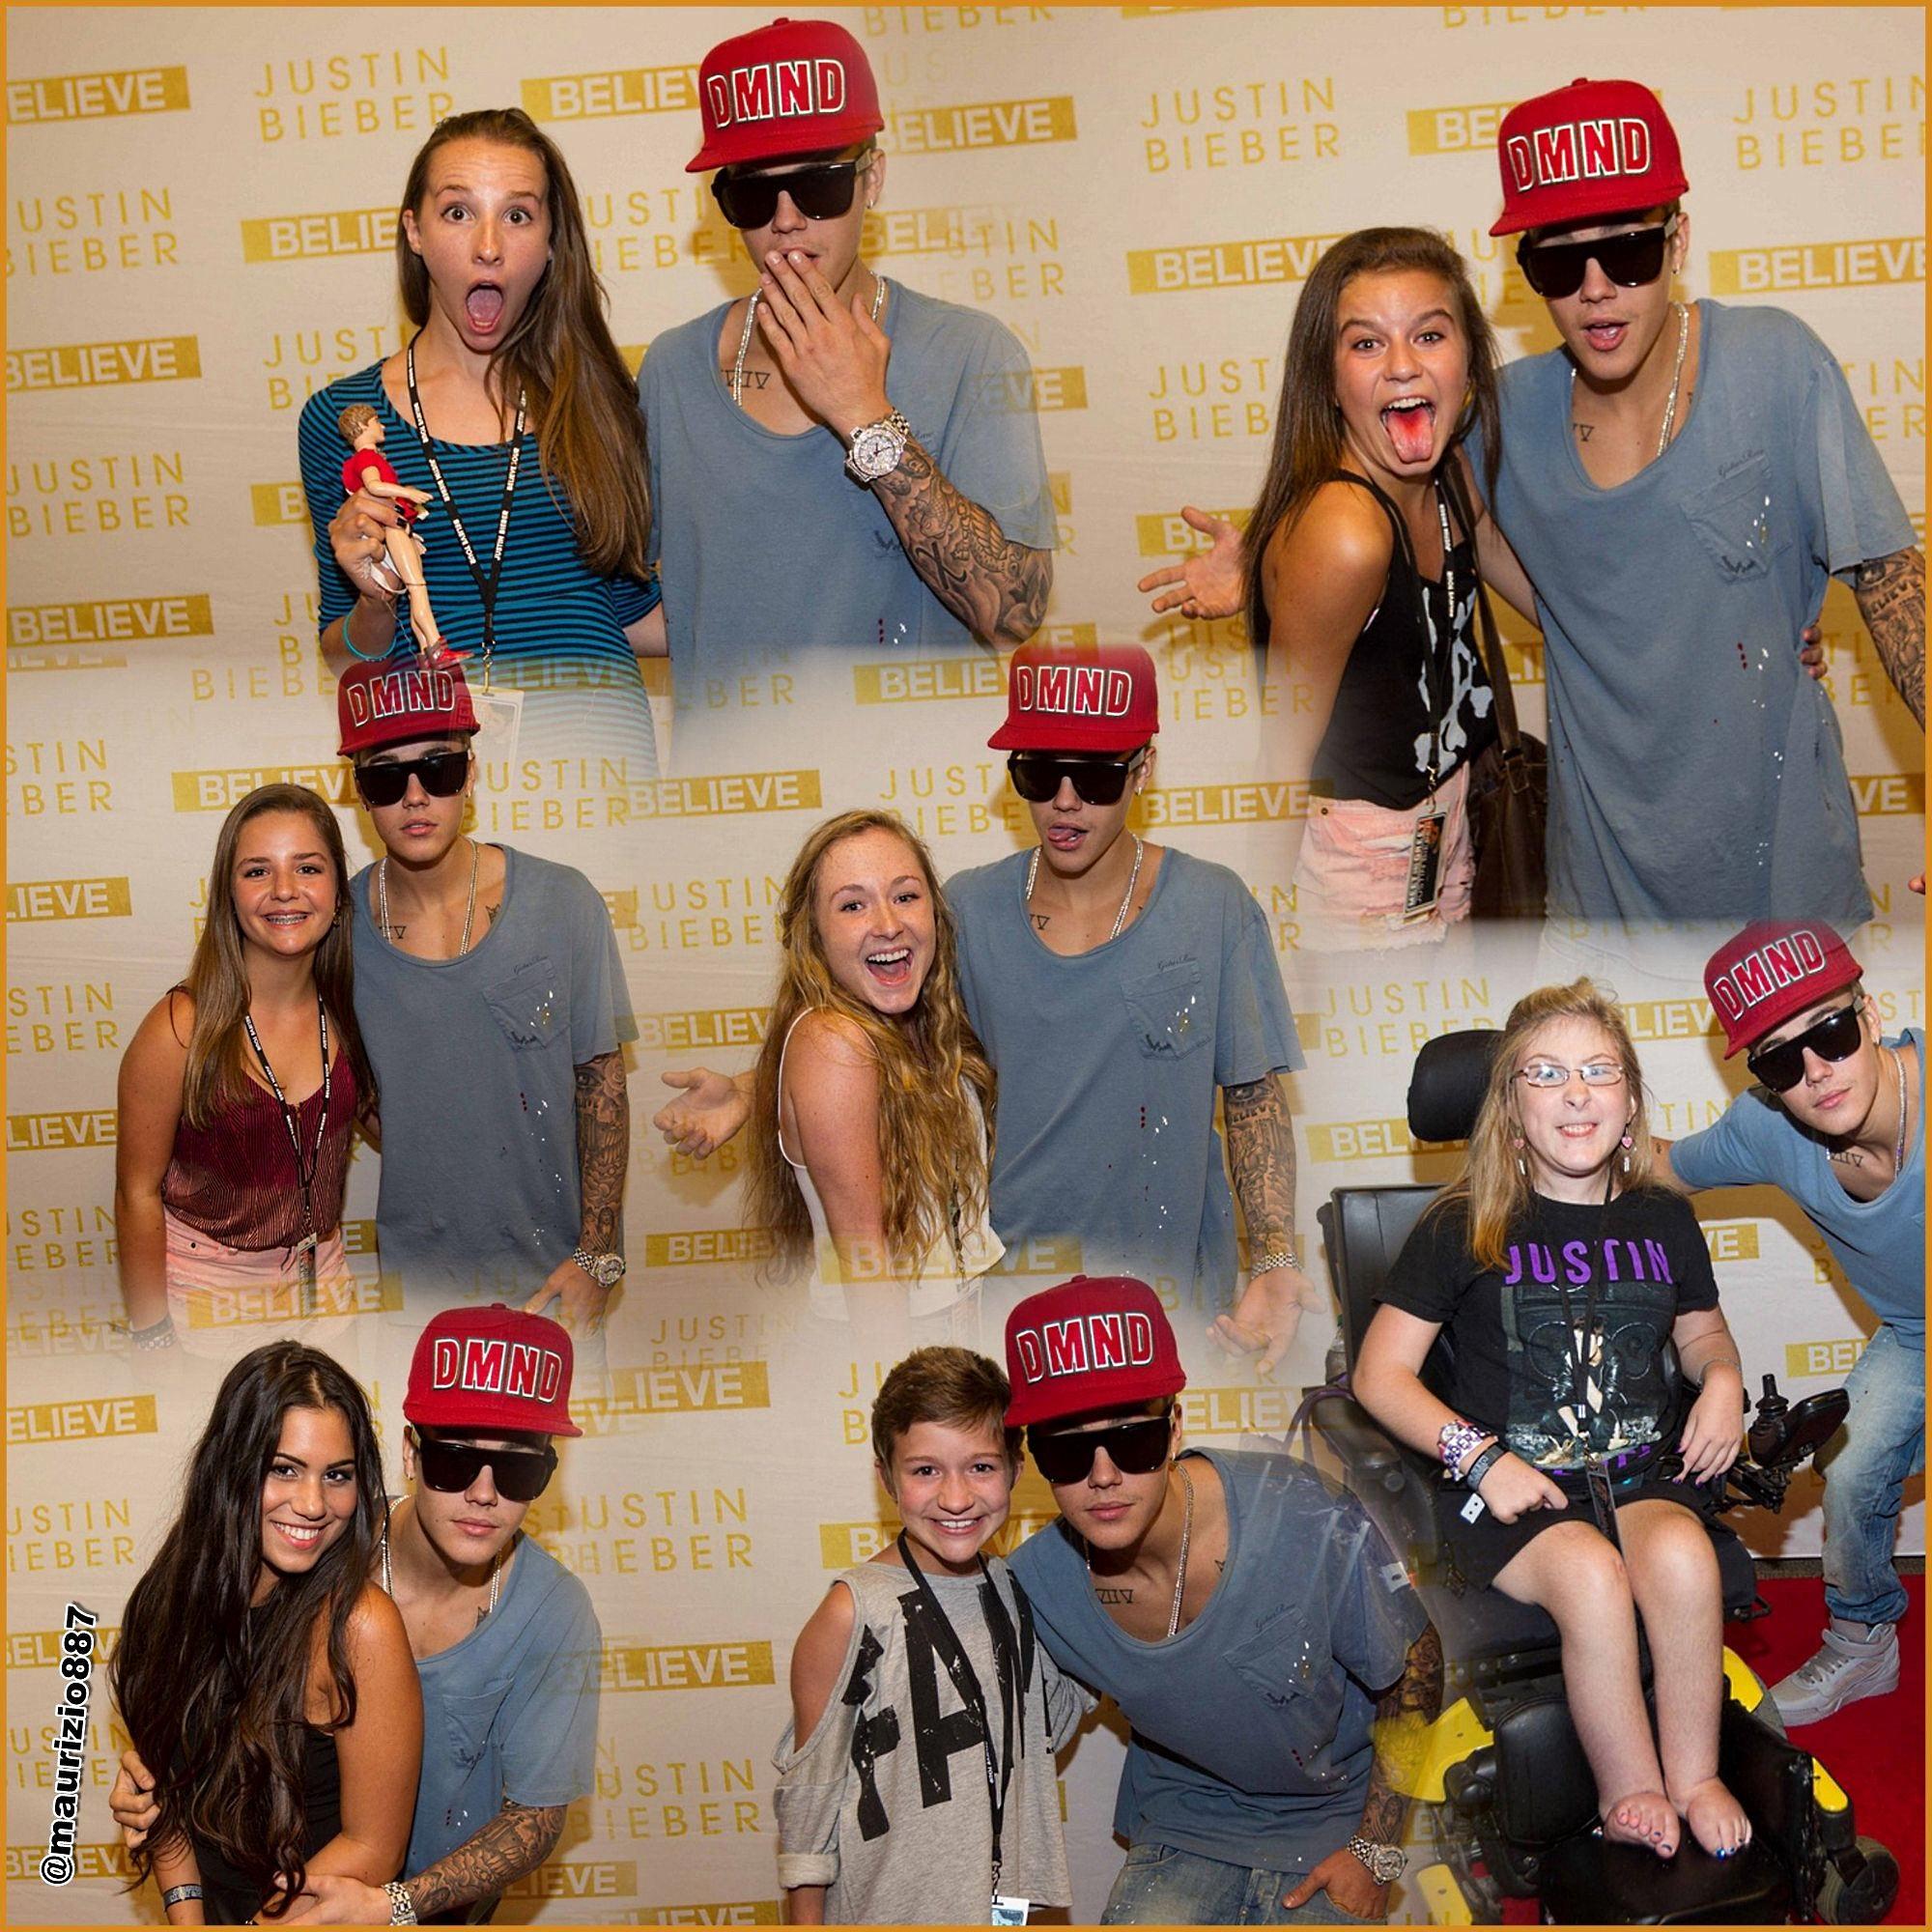 Meet And Greet Pictures Justin Bieber Justin Bieber Meet Greet